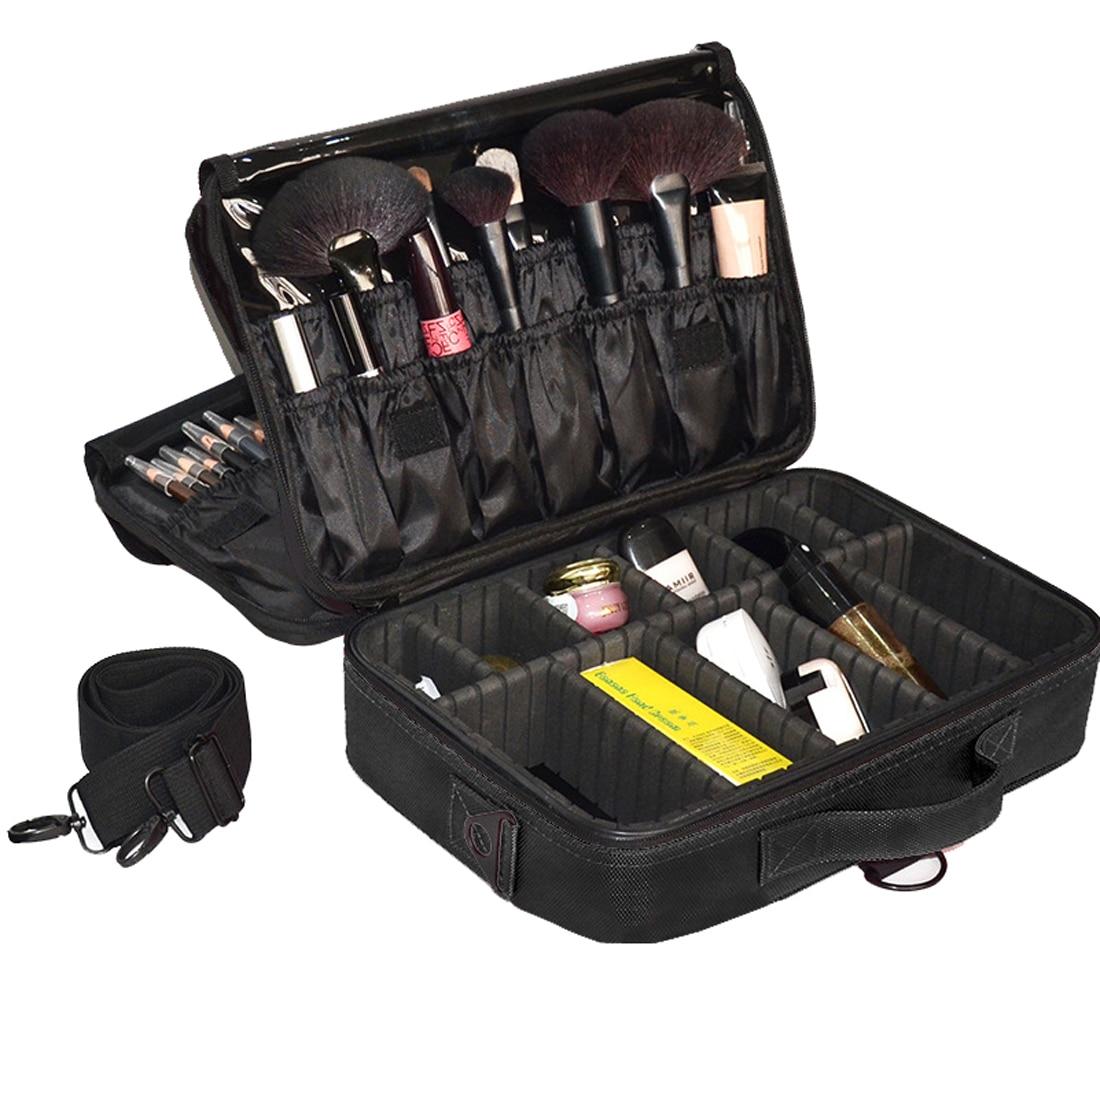 Makeup Bag Organizer Professional Makeup Artist Box Larger Bags Cute Korea Suitcase Makeup Suitcase Makeup Brushes Tools Case